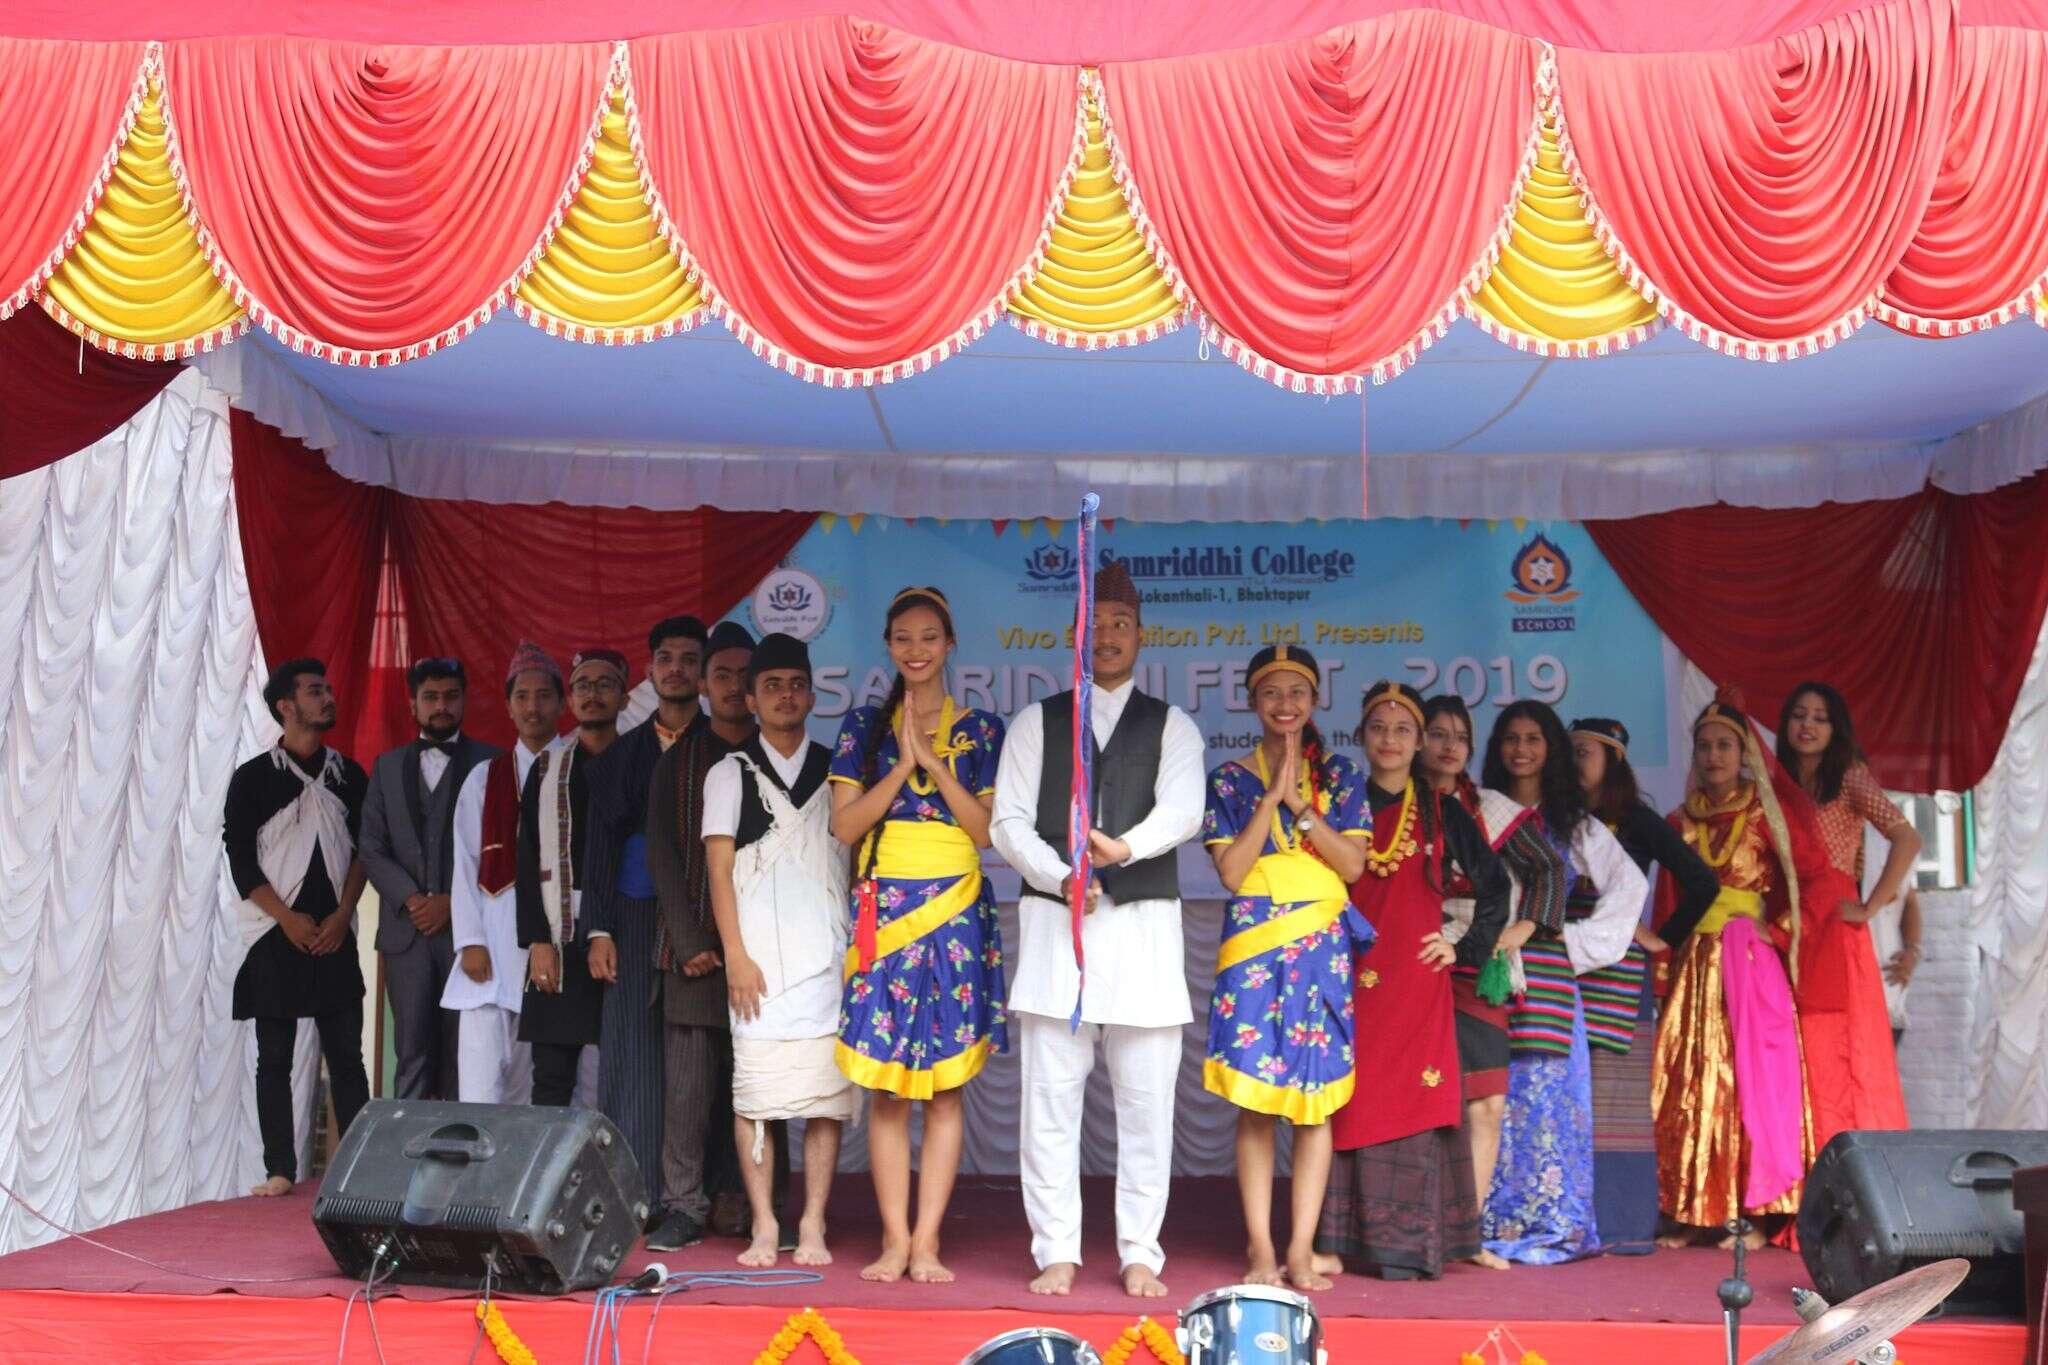 Samriddhi College